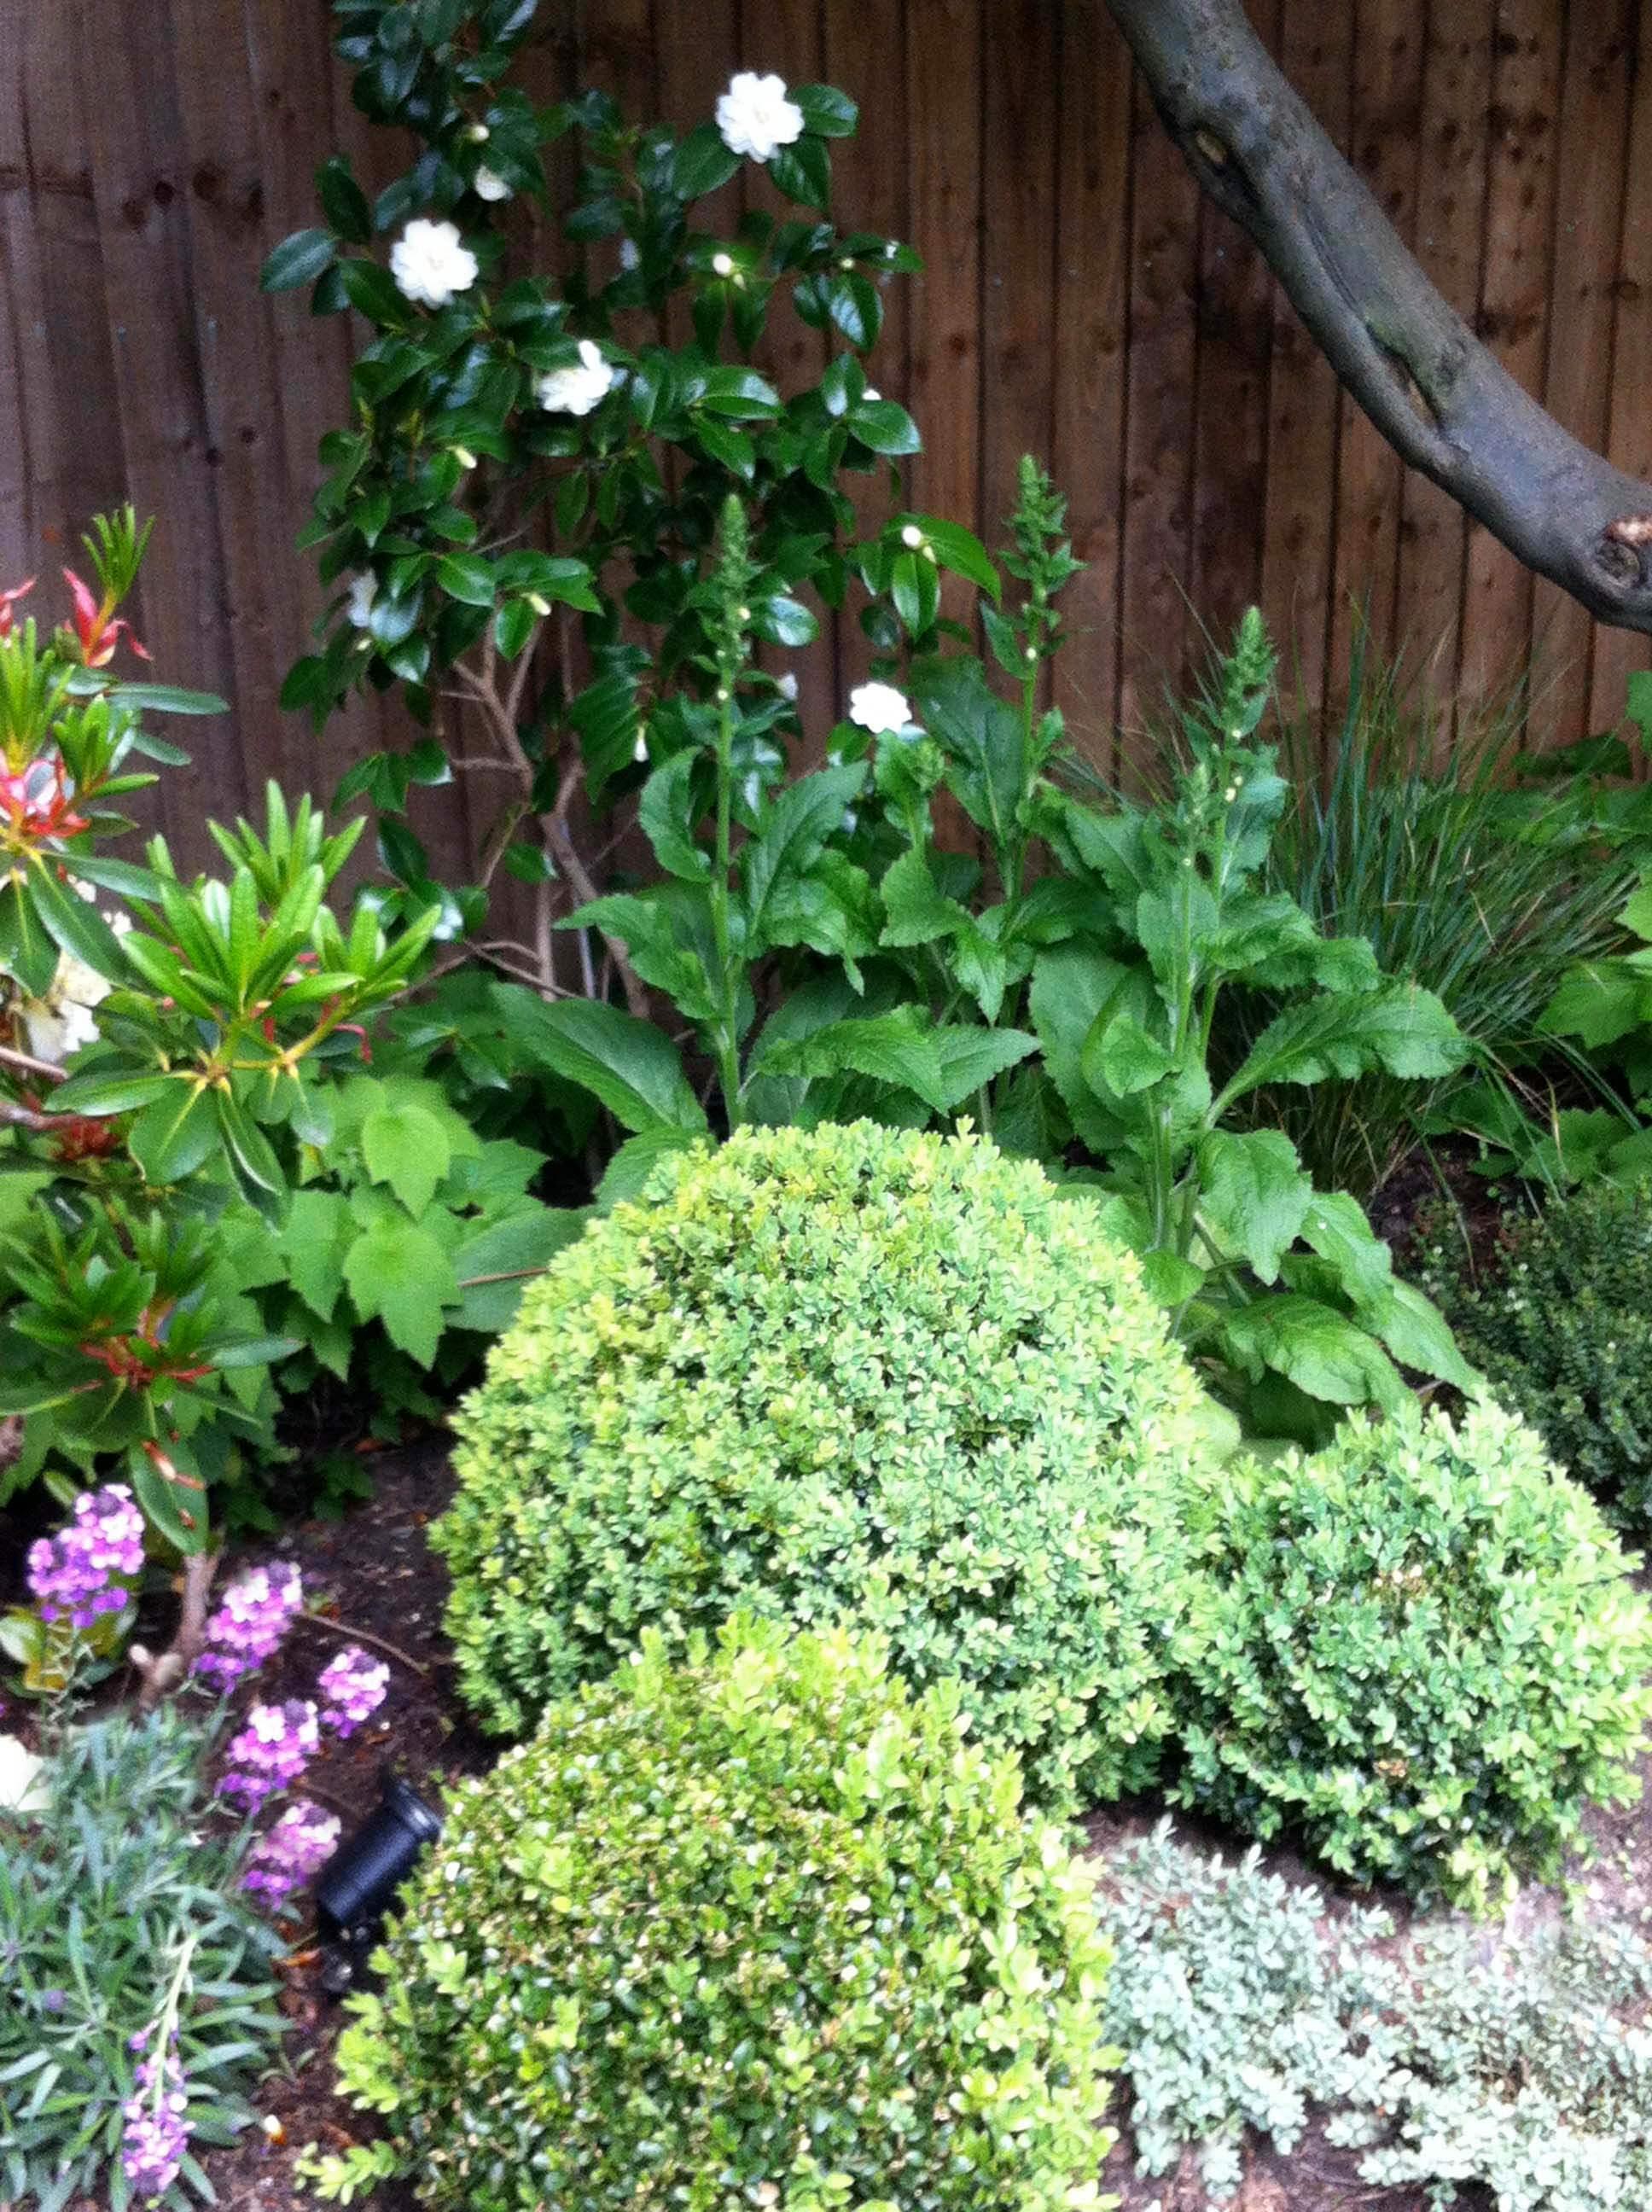 2. Pippa's family garden